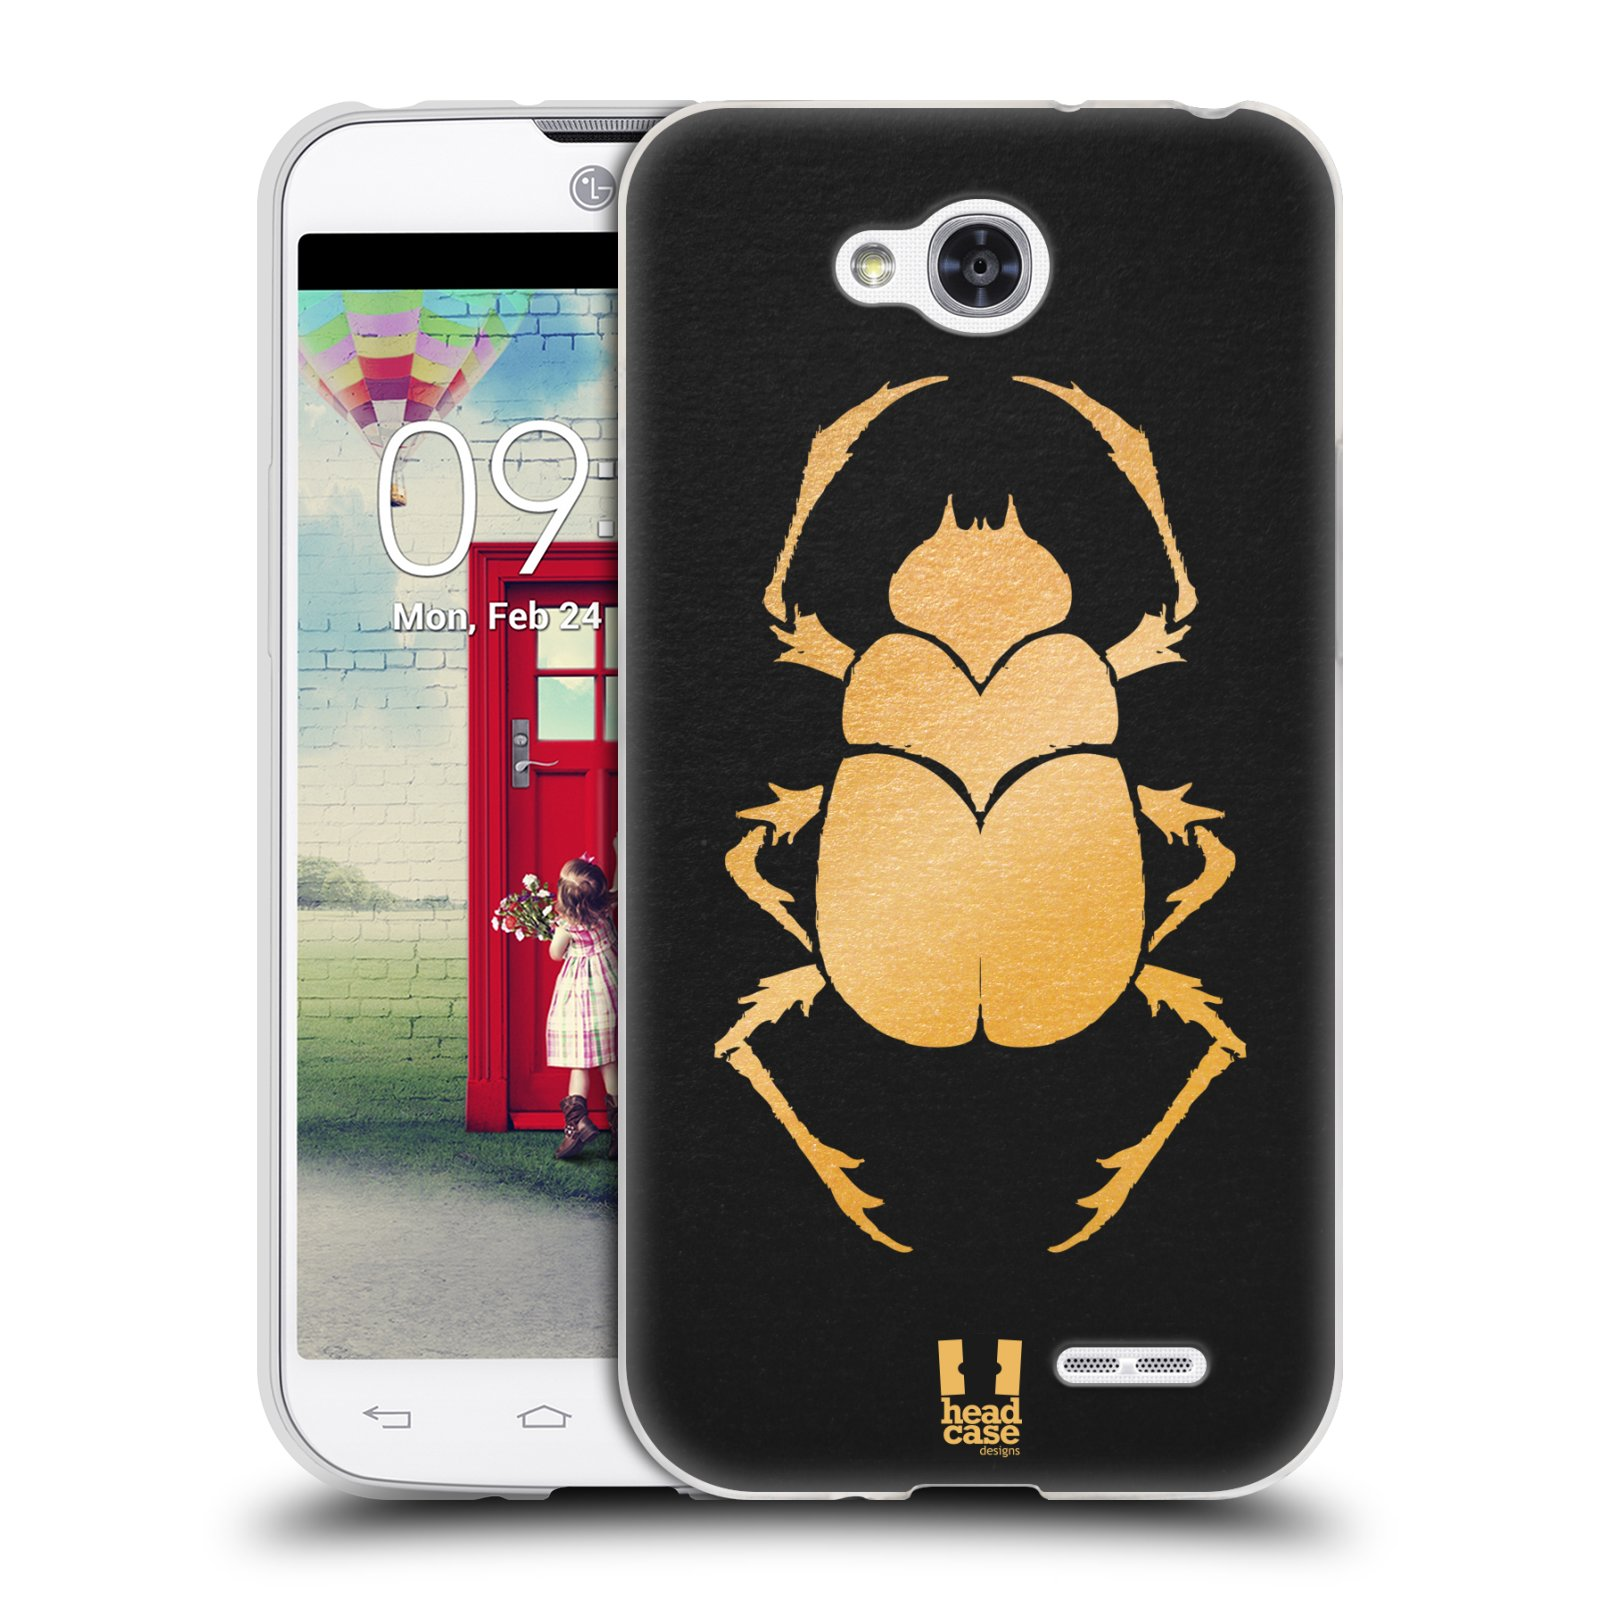 Silikonové pouzdro na mobil LG L90 HEAD CASE EGYPT SCARABEUS (Silikonový kryt či obal na mobilní telefon LG L90 D405n)